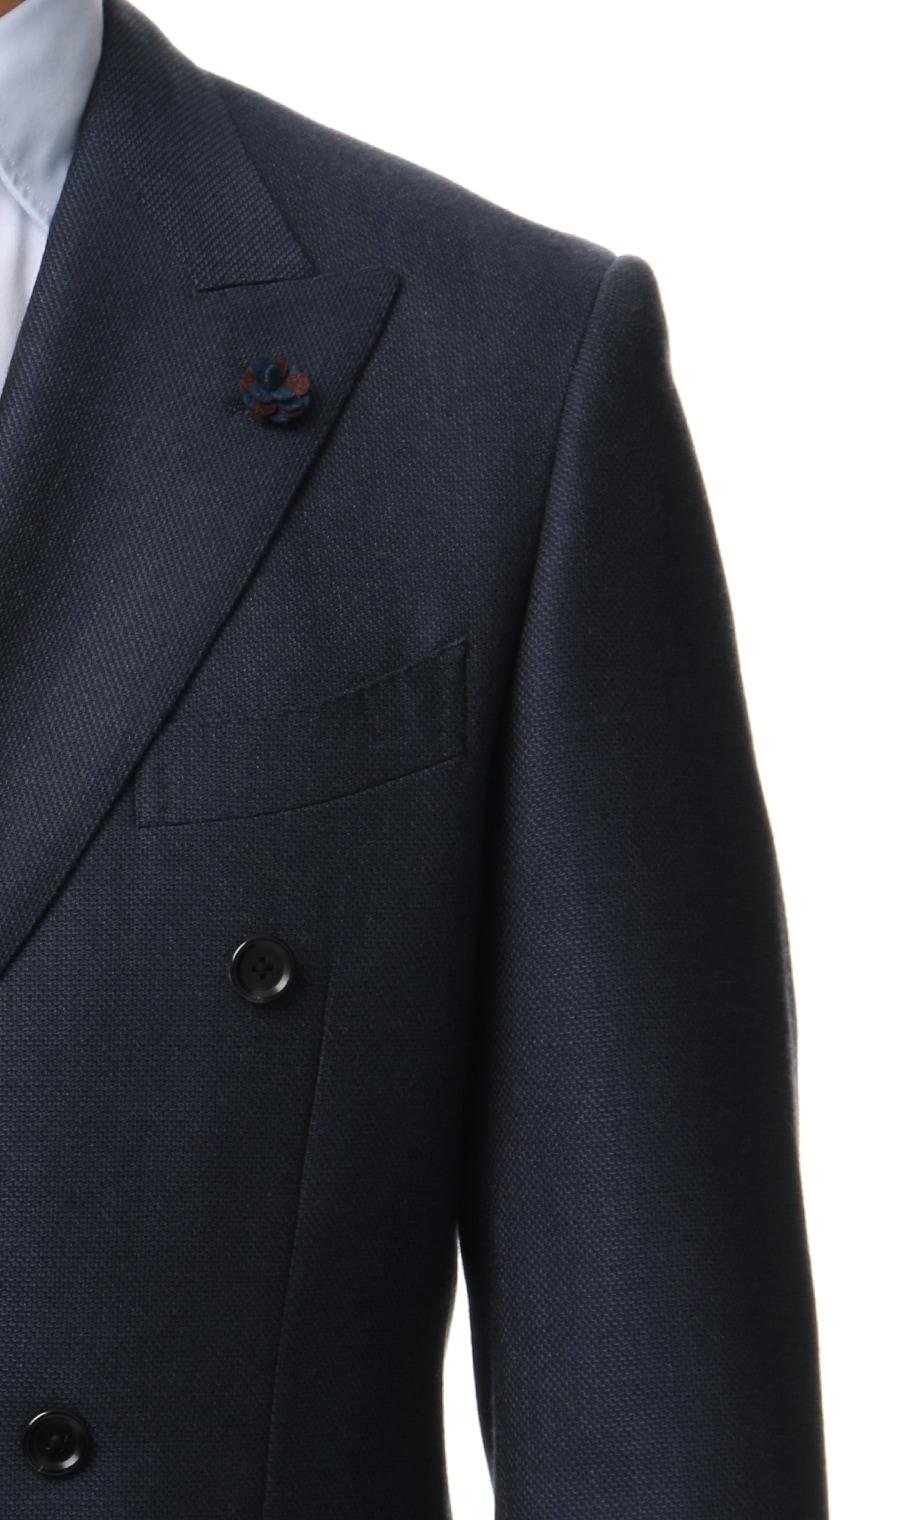 HILTONプレミアムスタイリッシュダブルスーツ【戸賀 敬城氏】